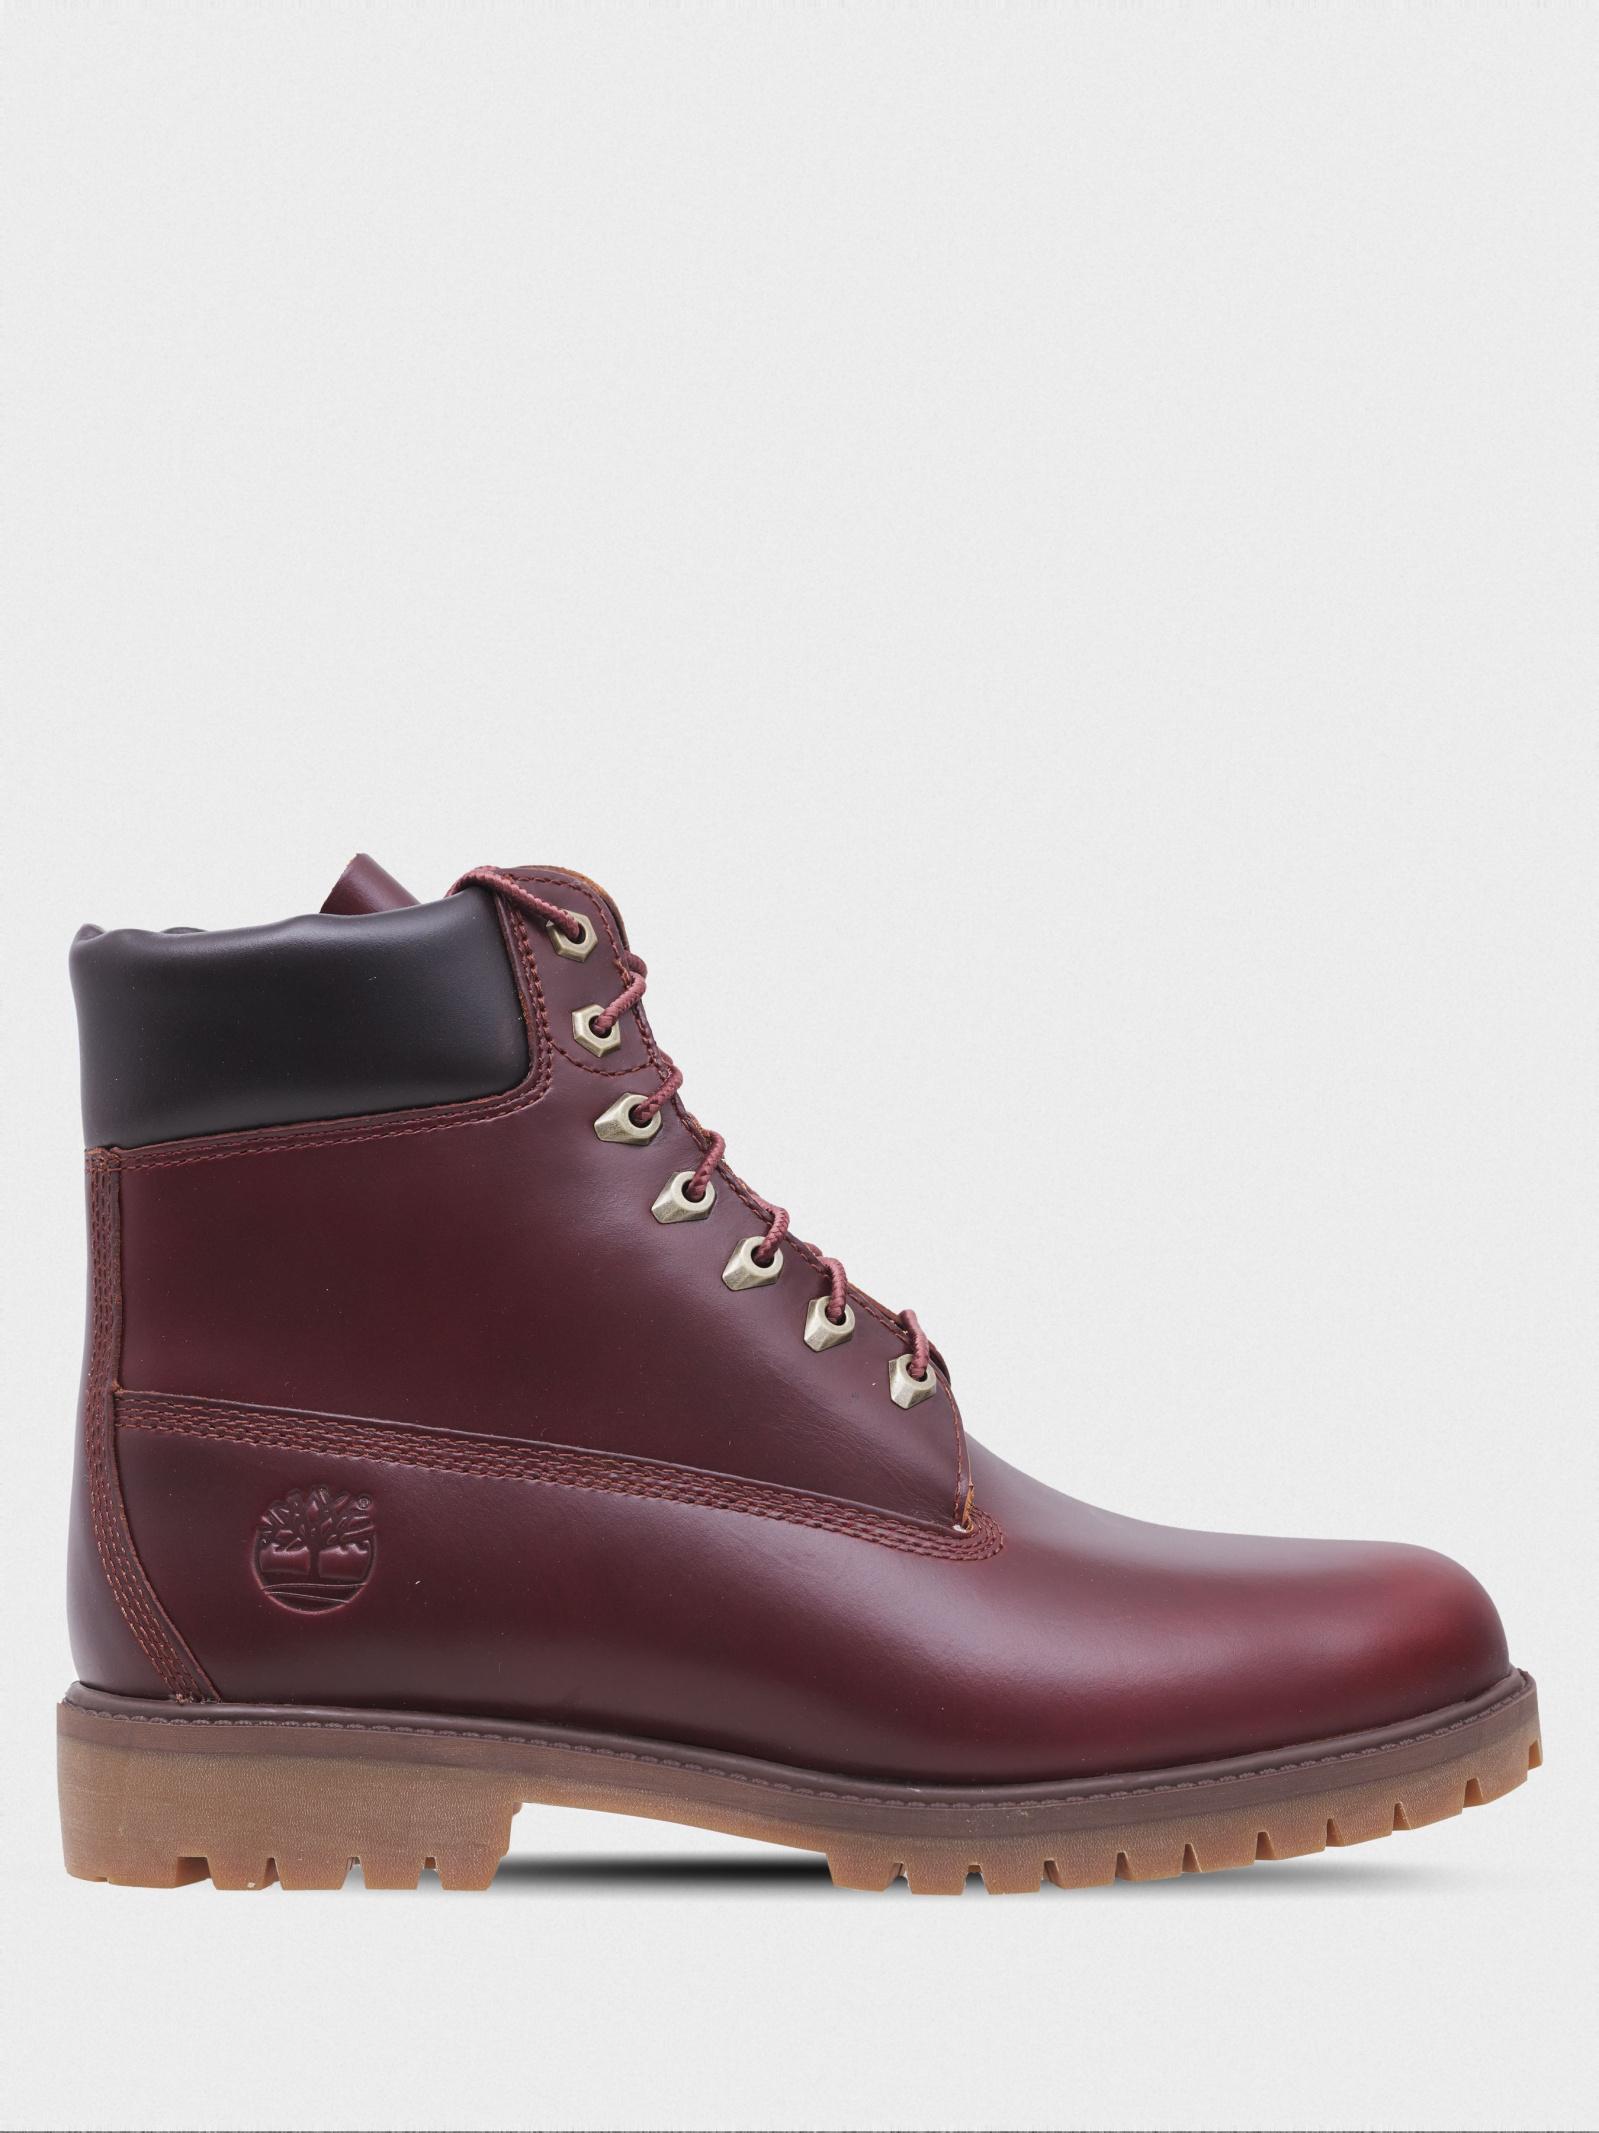 Ботинки для мужчин Timberland Timberland Heritage TF4055 фото, купить, 2017